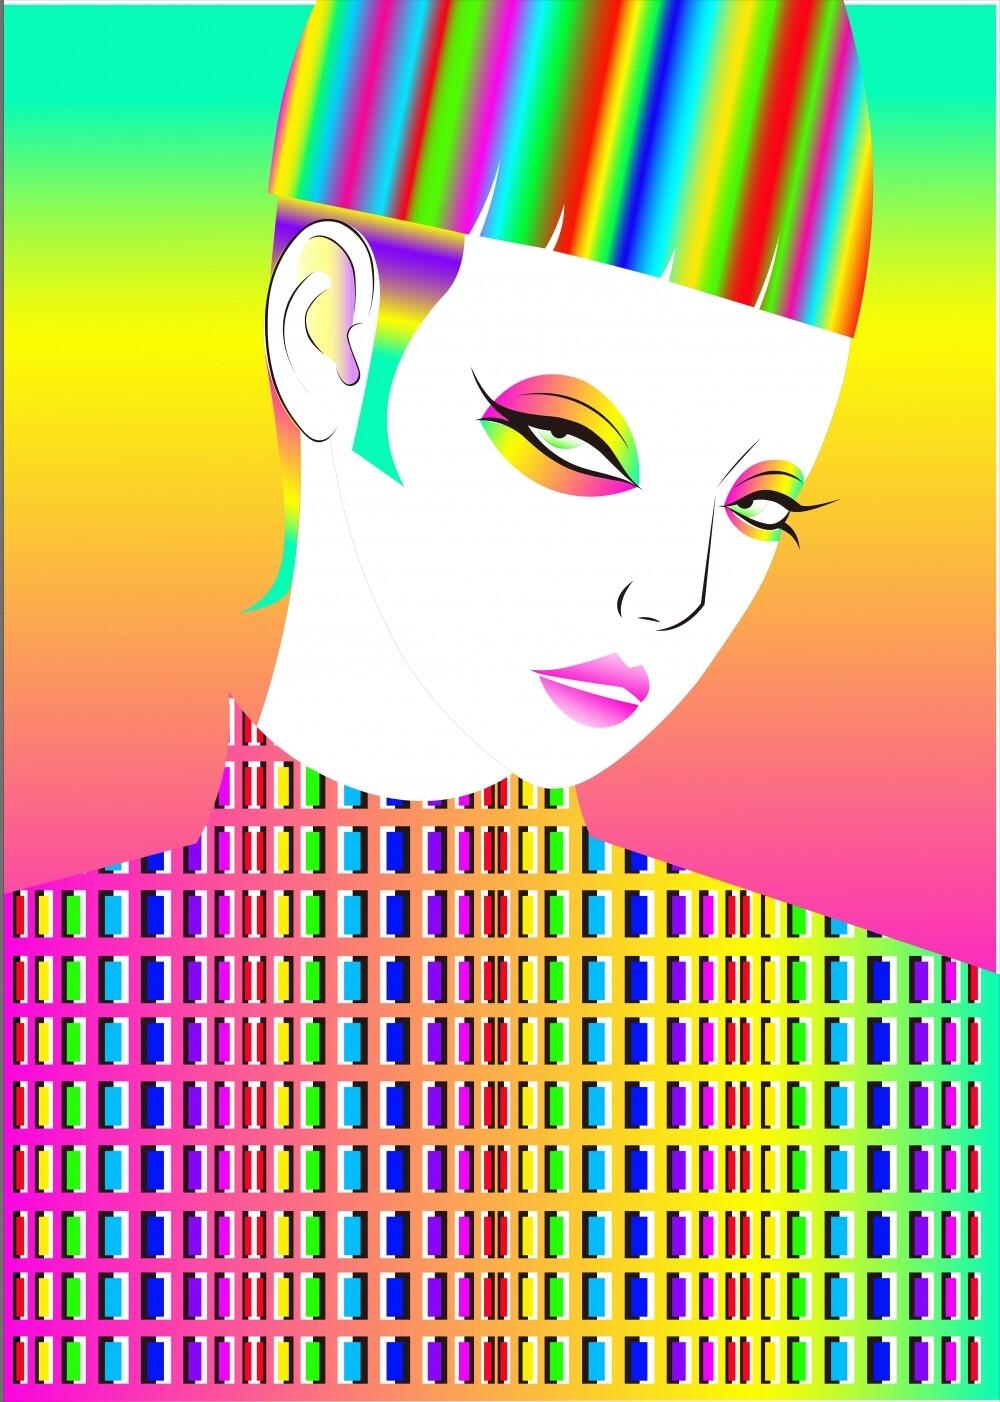 【9月22日(水)から】-contemporary- UENO芸術祭×KENZAN  <ゲンダイを生きる作家たちによる、現代のアート >